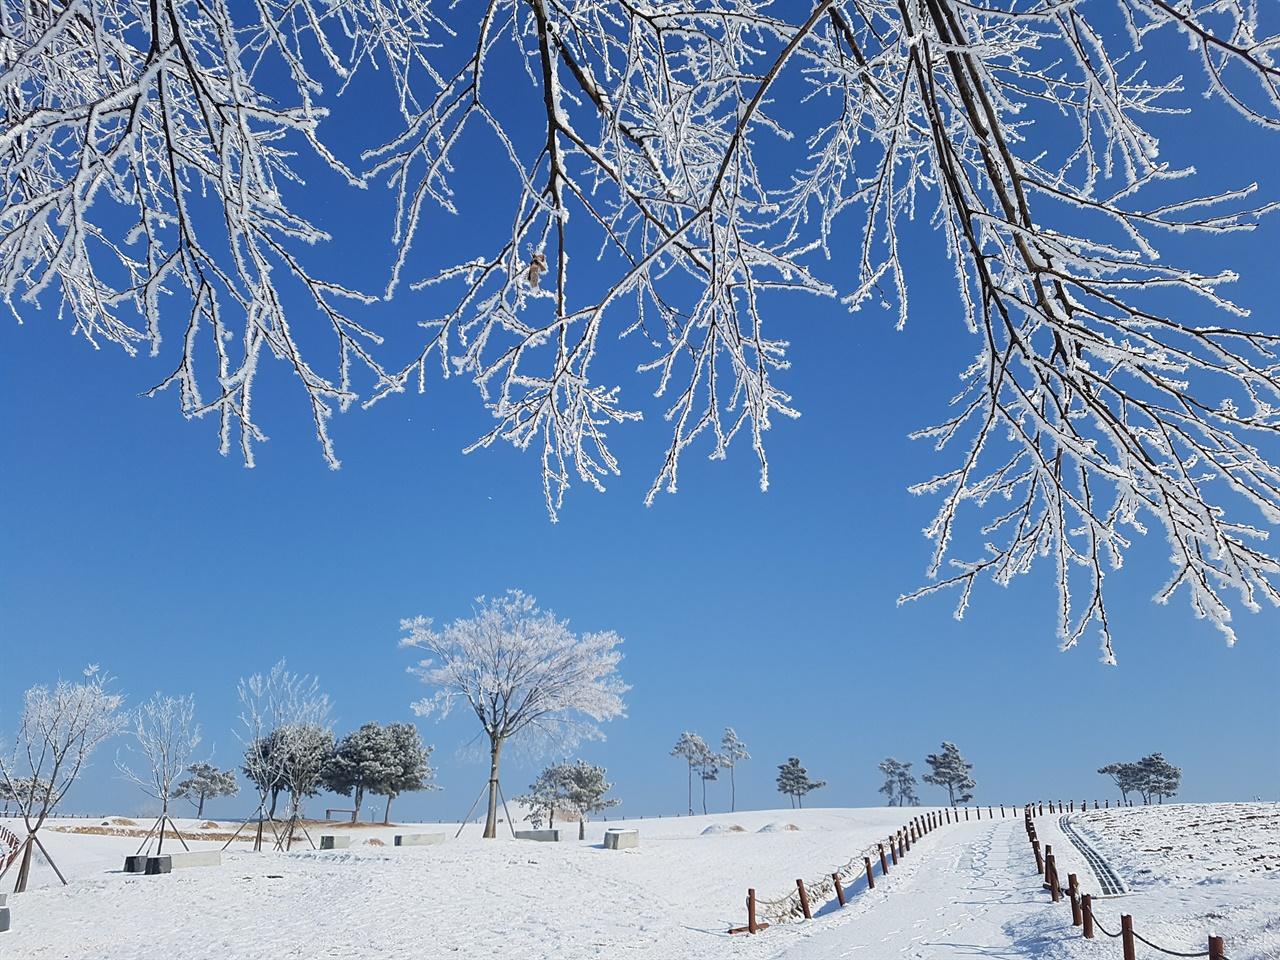 경북 의성군 조문국 유적지의 겨울 풍경.